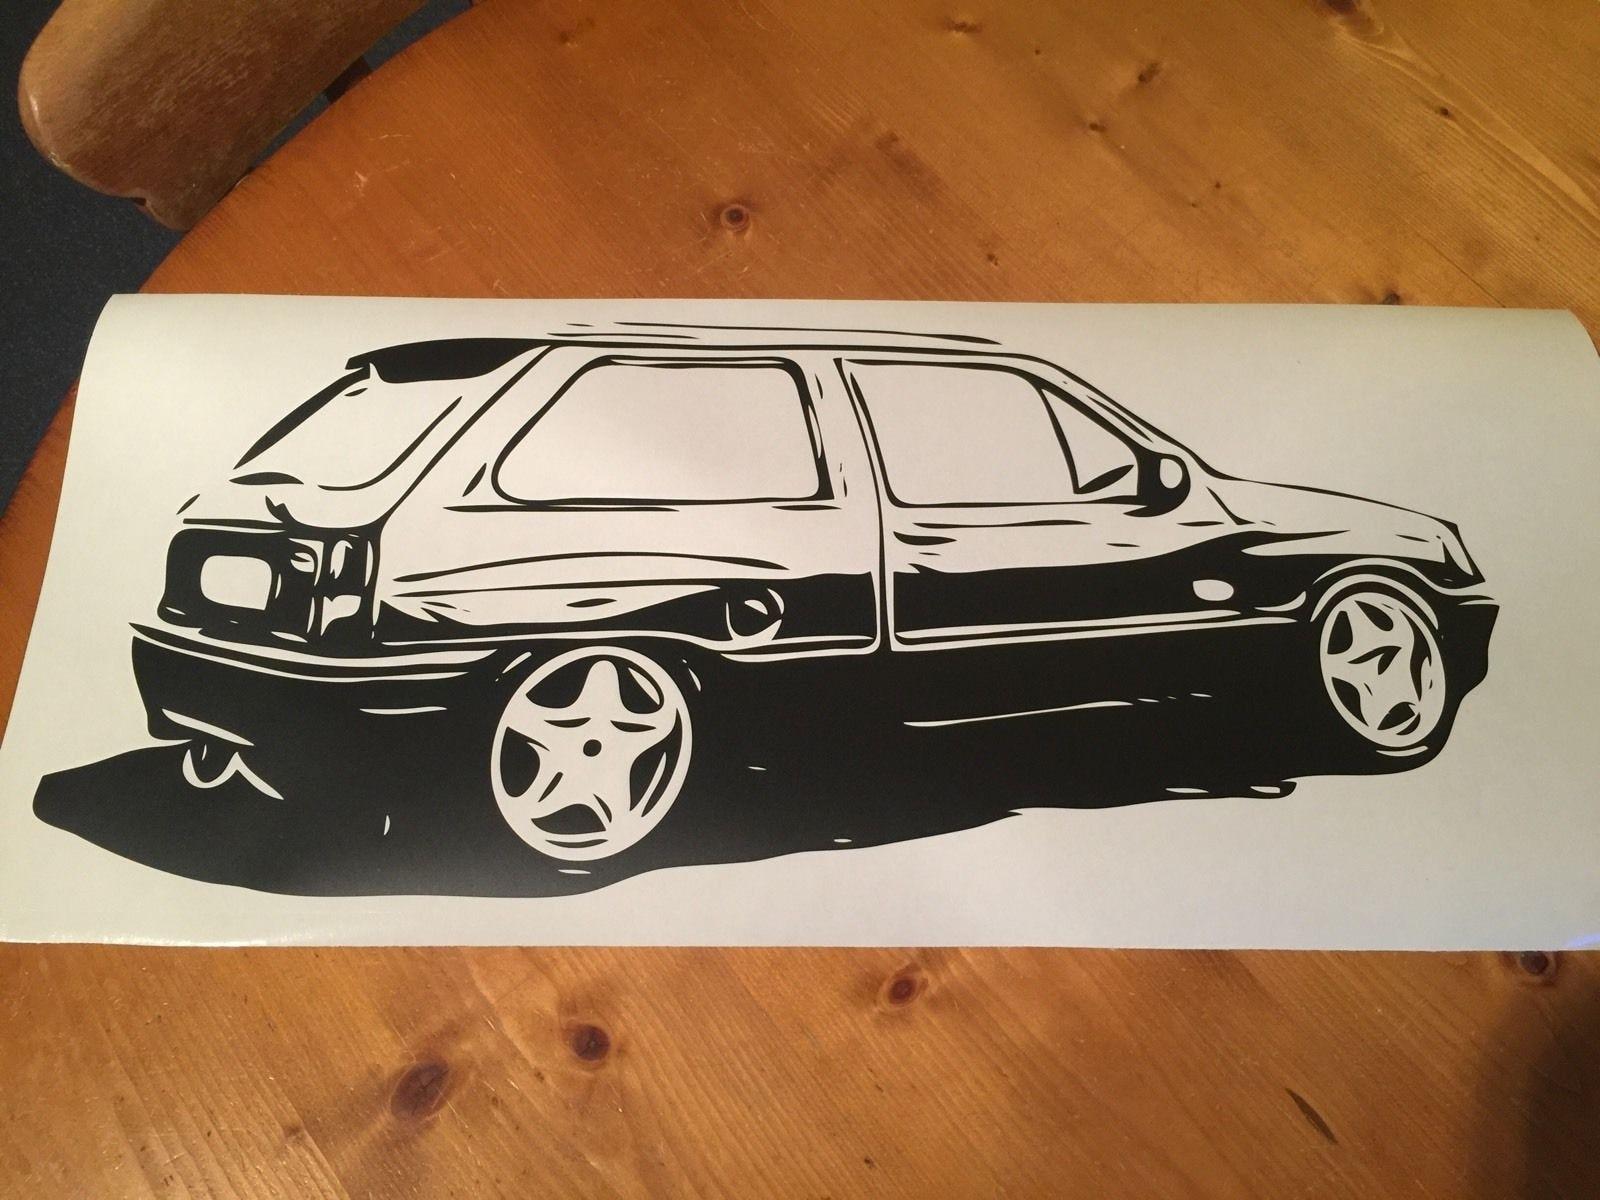 Наклейка для Vauxhall Nova GTE SR Corsa Opel в стиле ретро, различные размеры